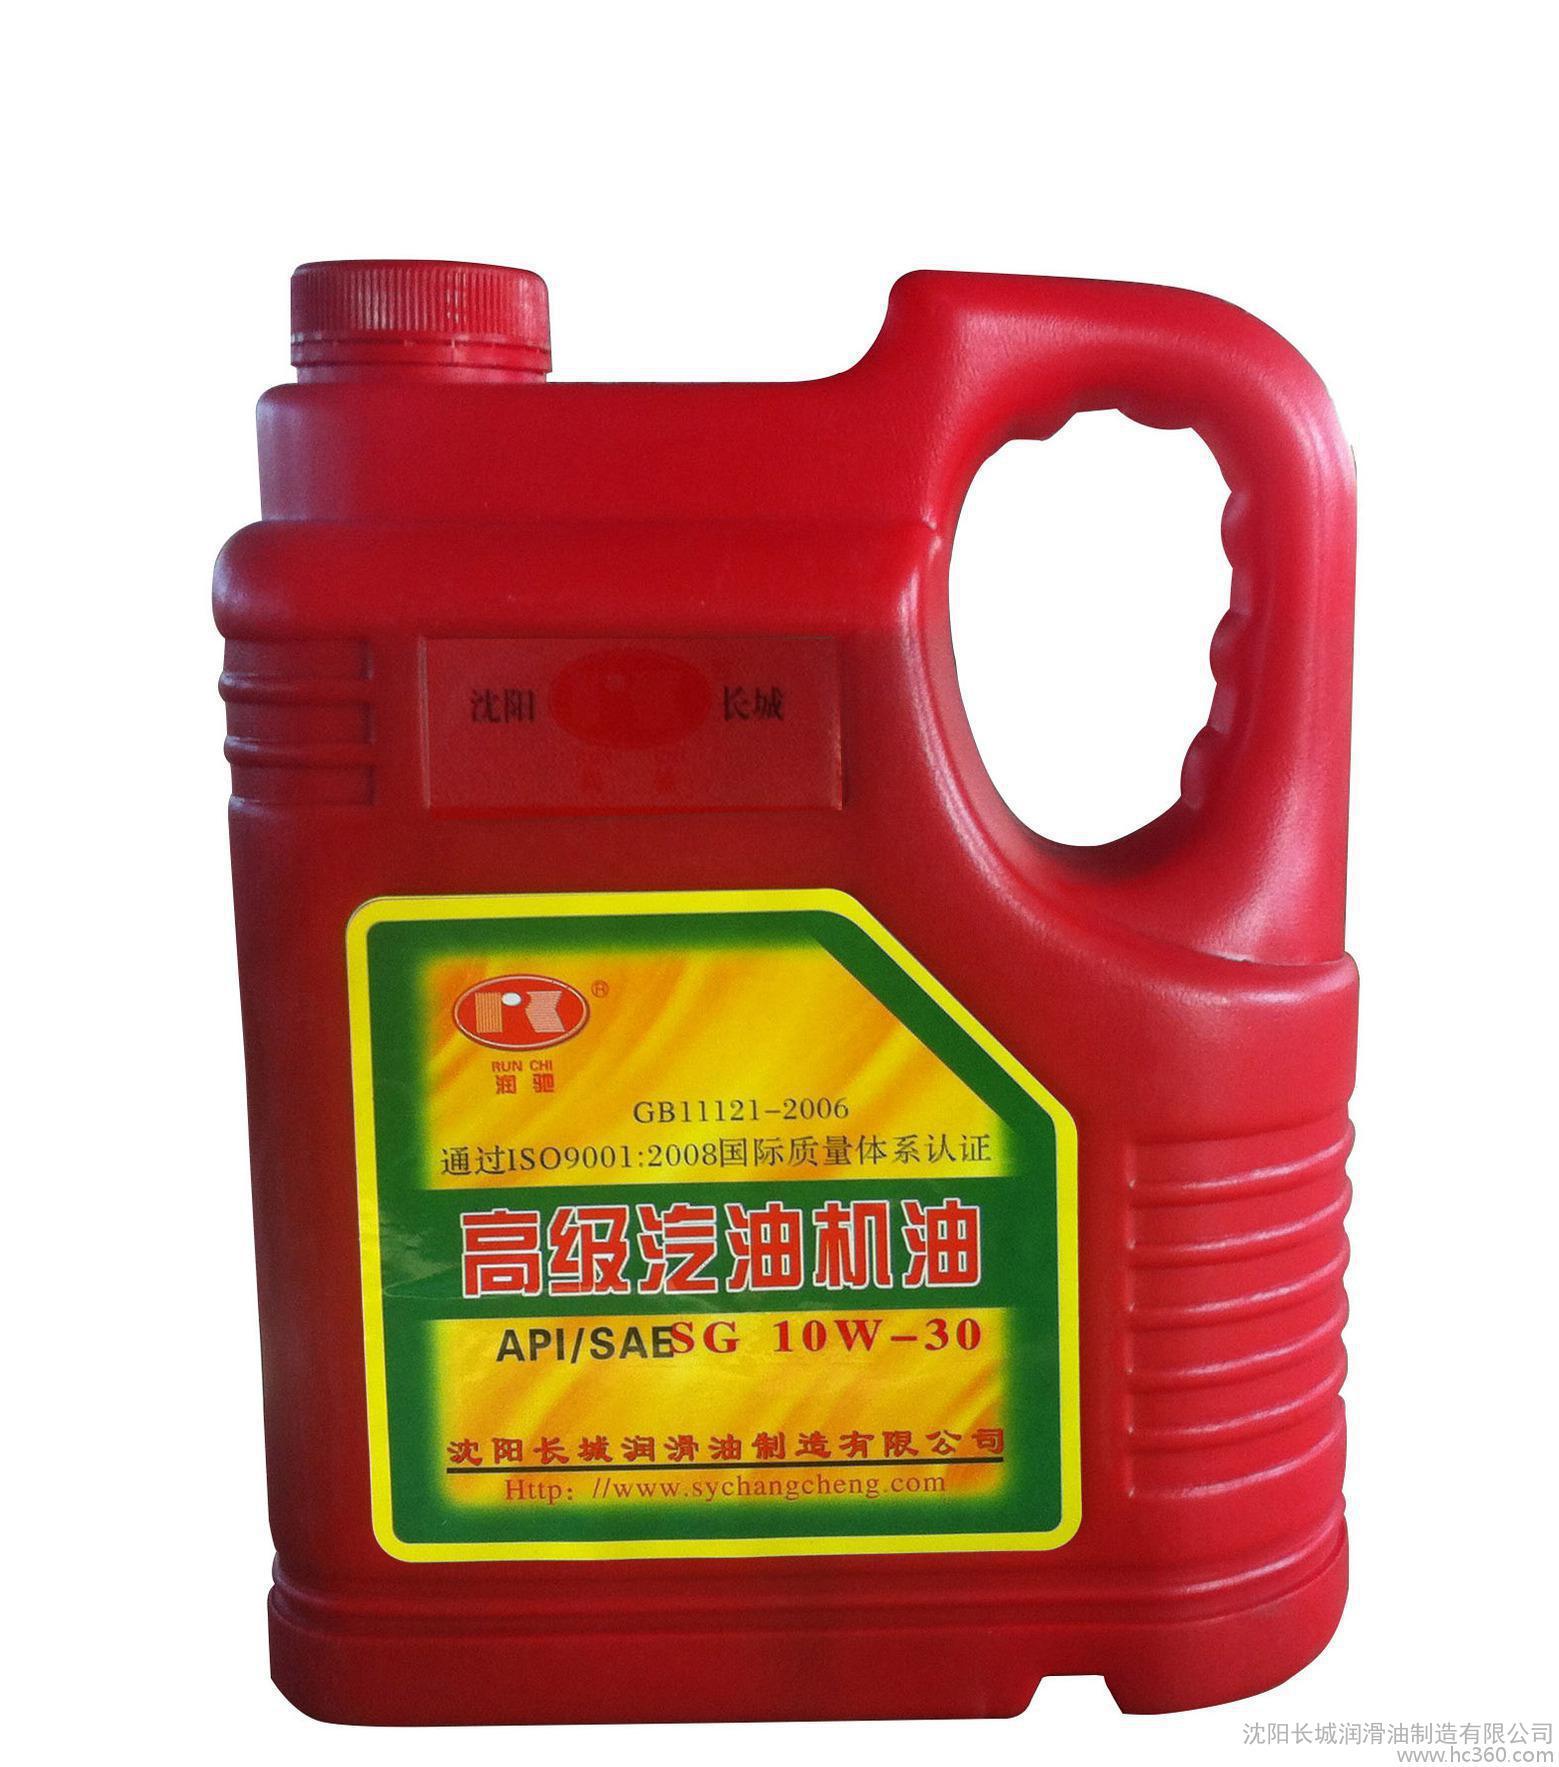 供应沈阳长城润驰牌SG汽油机油SG 15W-40/10W-30